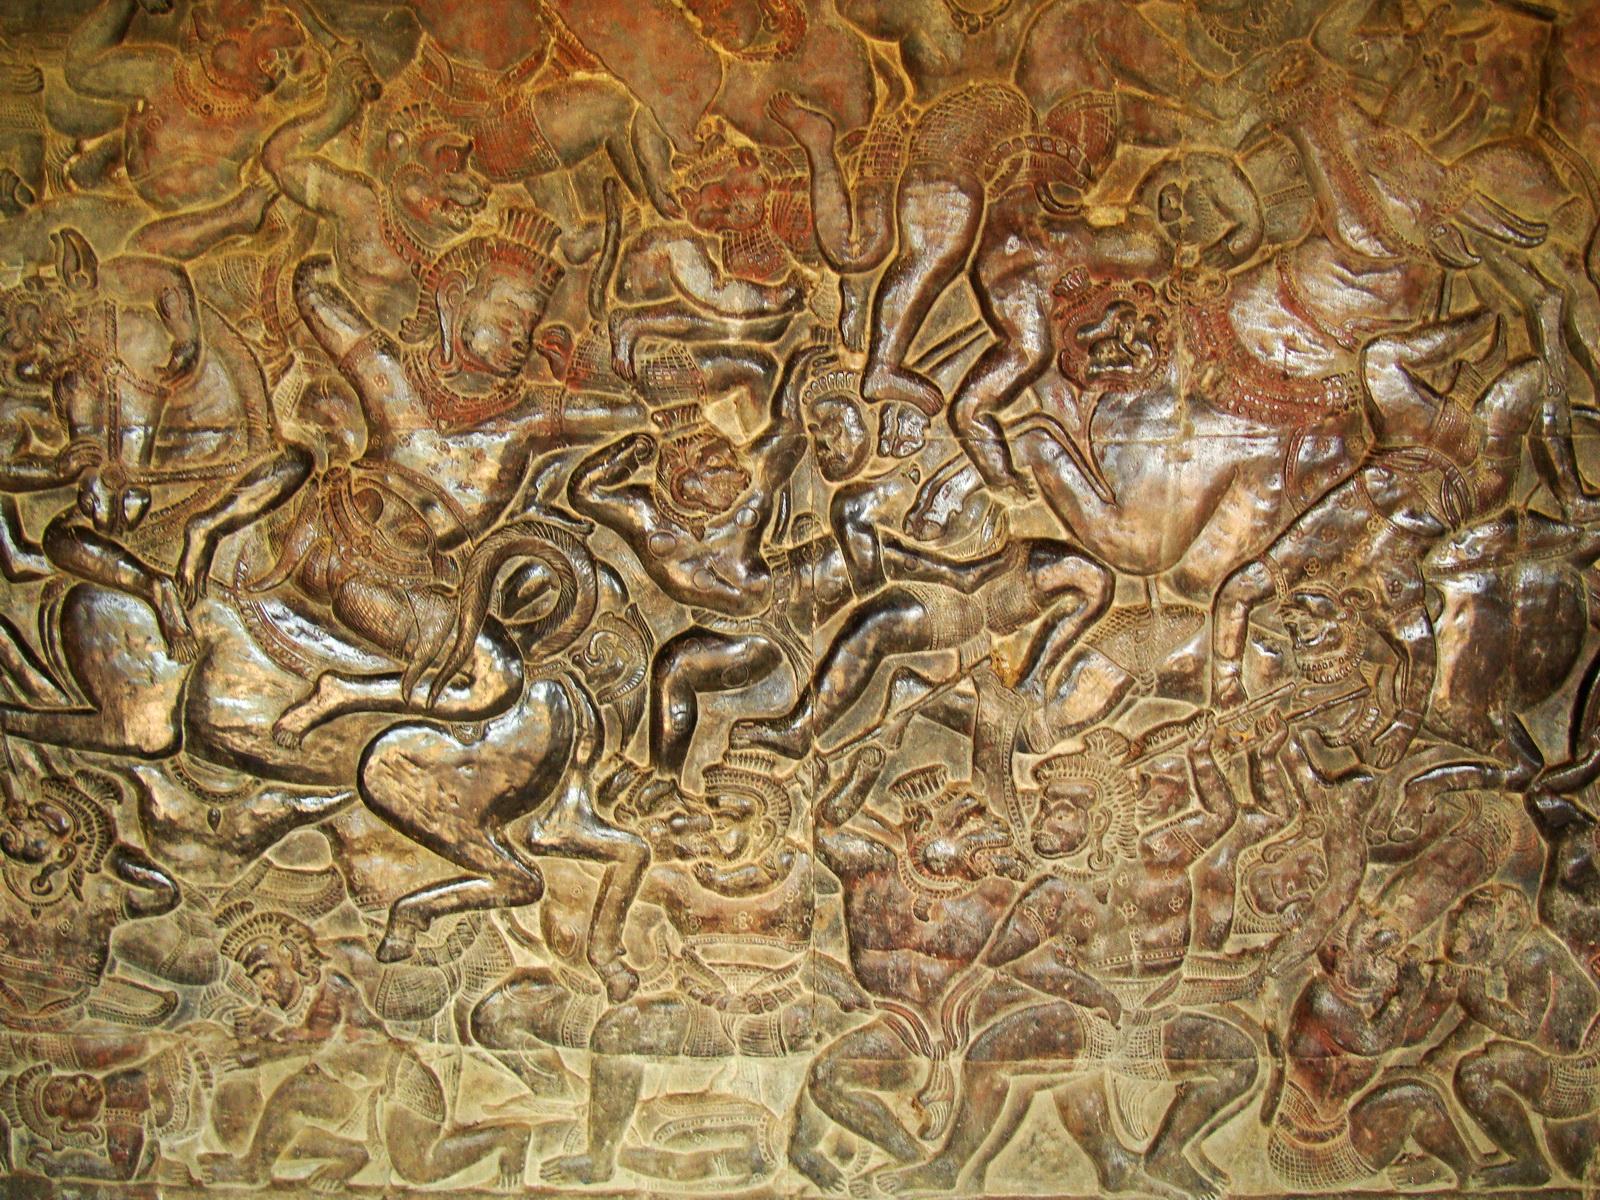 Angkor Wat Bas relief W Gallery N Wing Battle of Lanka 75